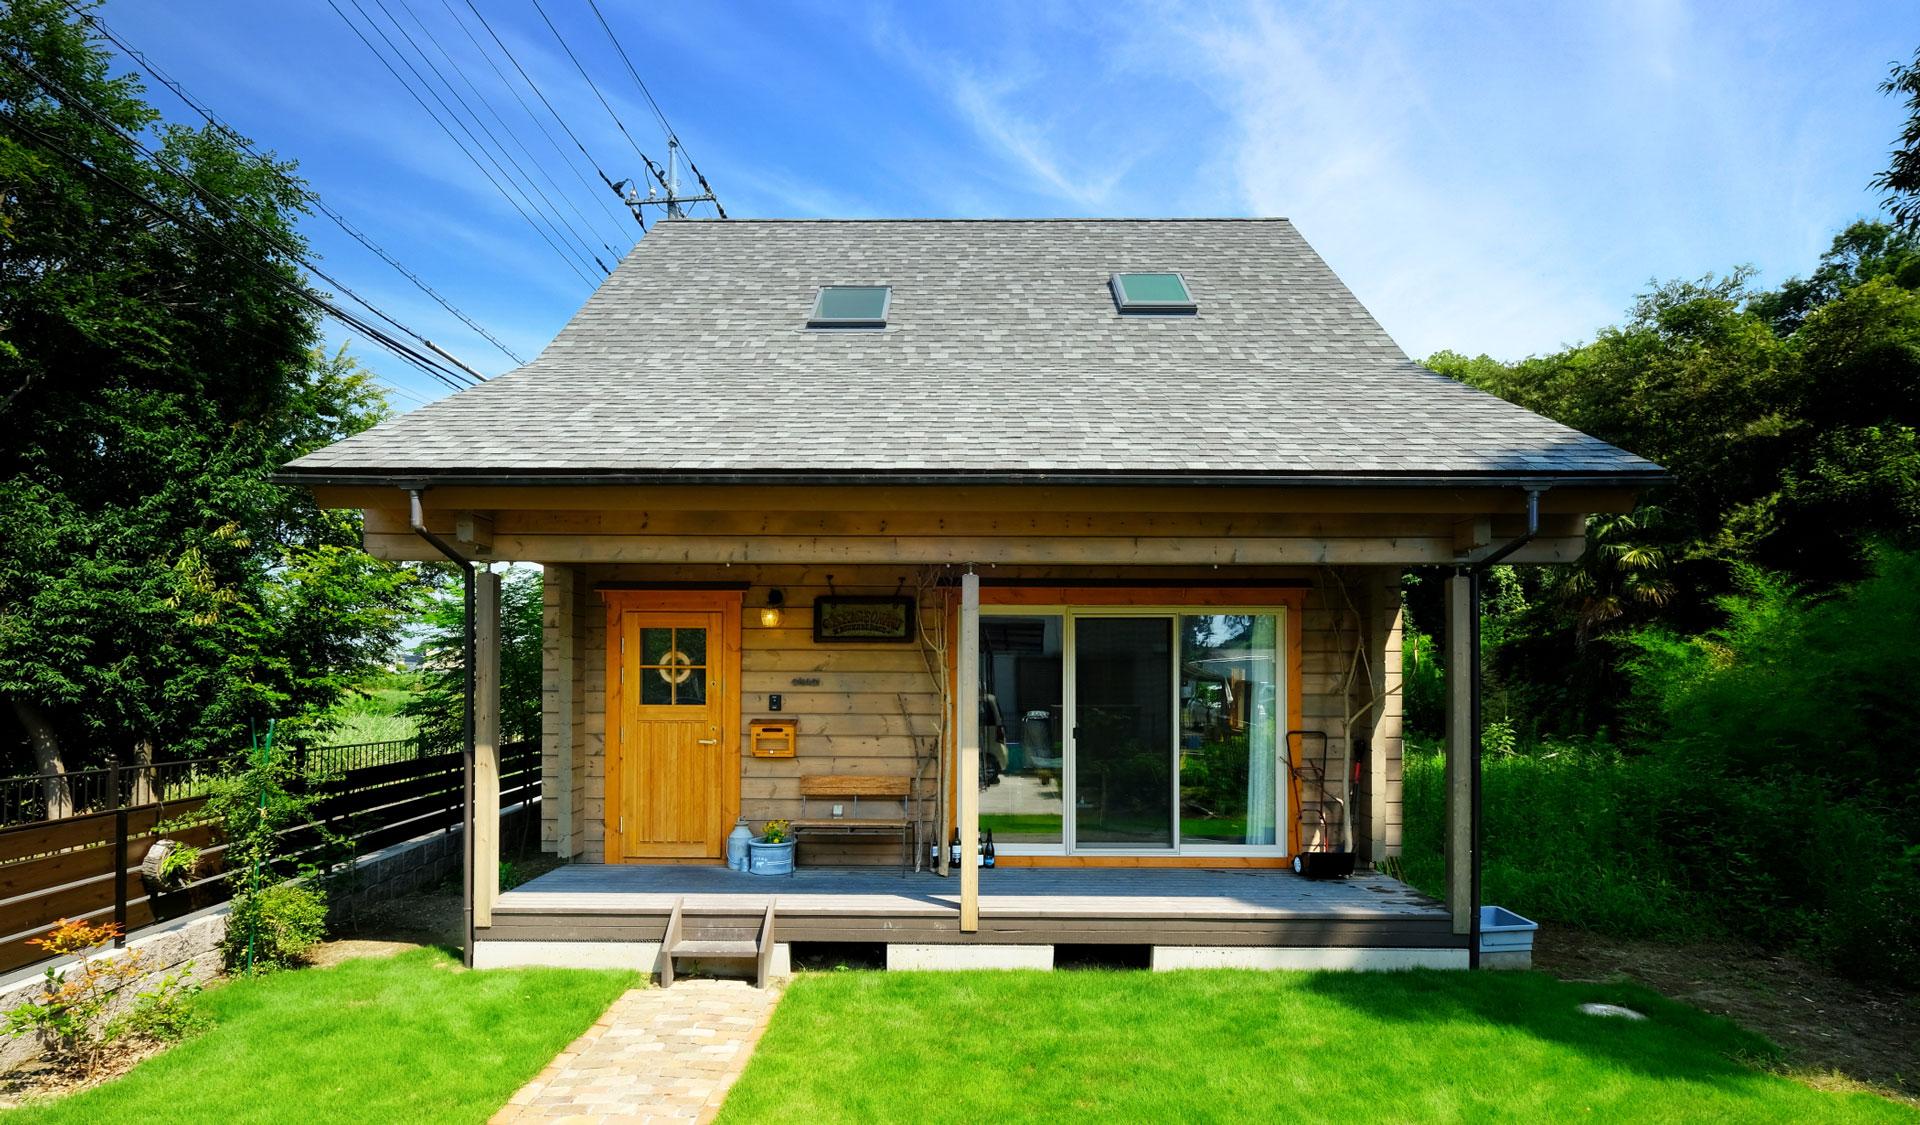 折れ屋根ログハウスで送る豊かなスローライフ